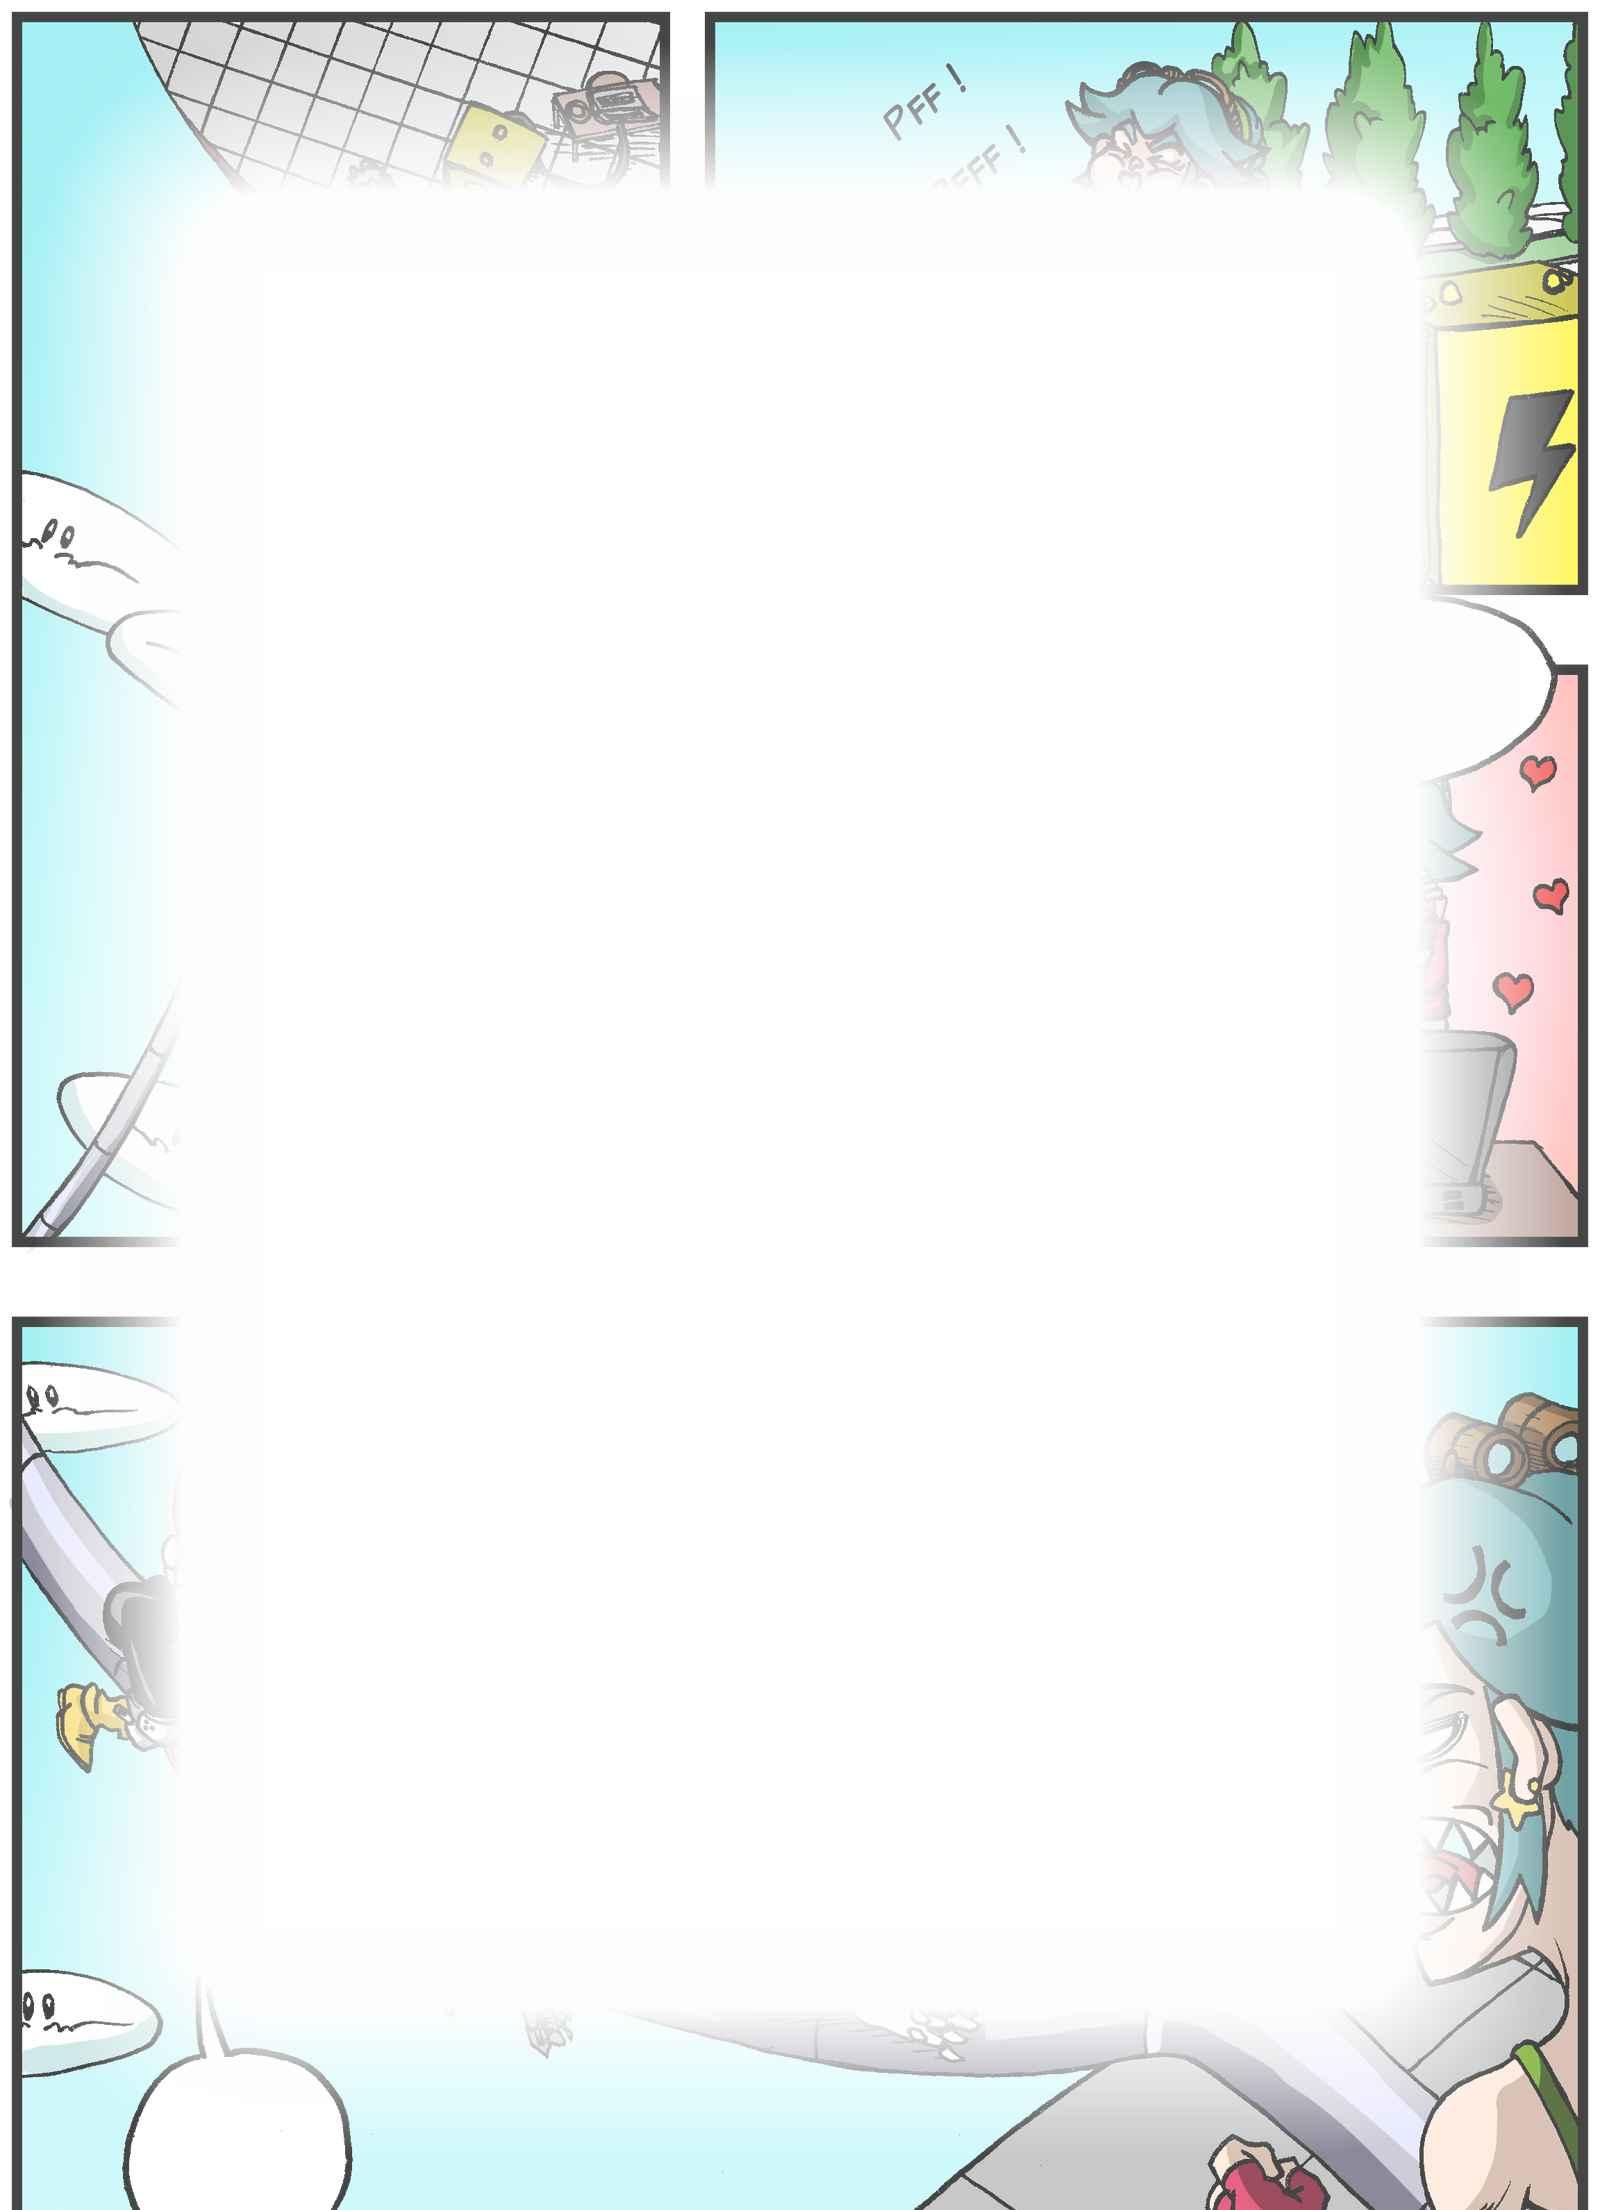 スーパードラゴンブラザーズZ : チャプター 2 ページ 19